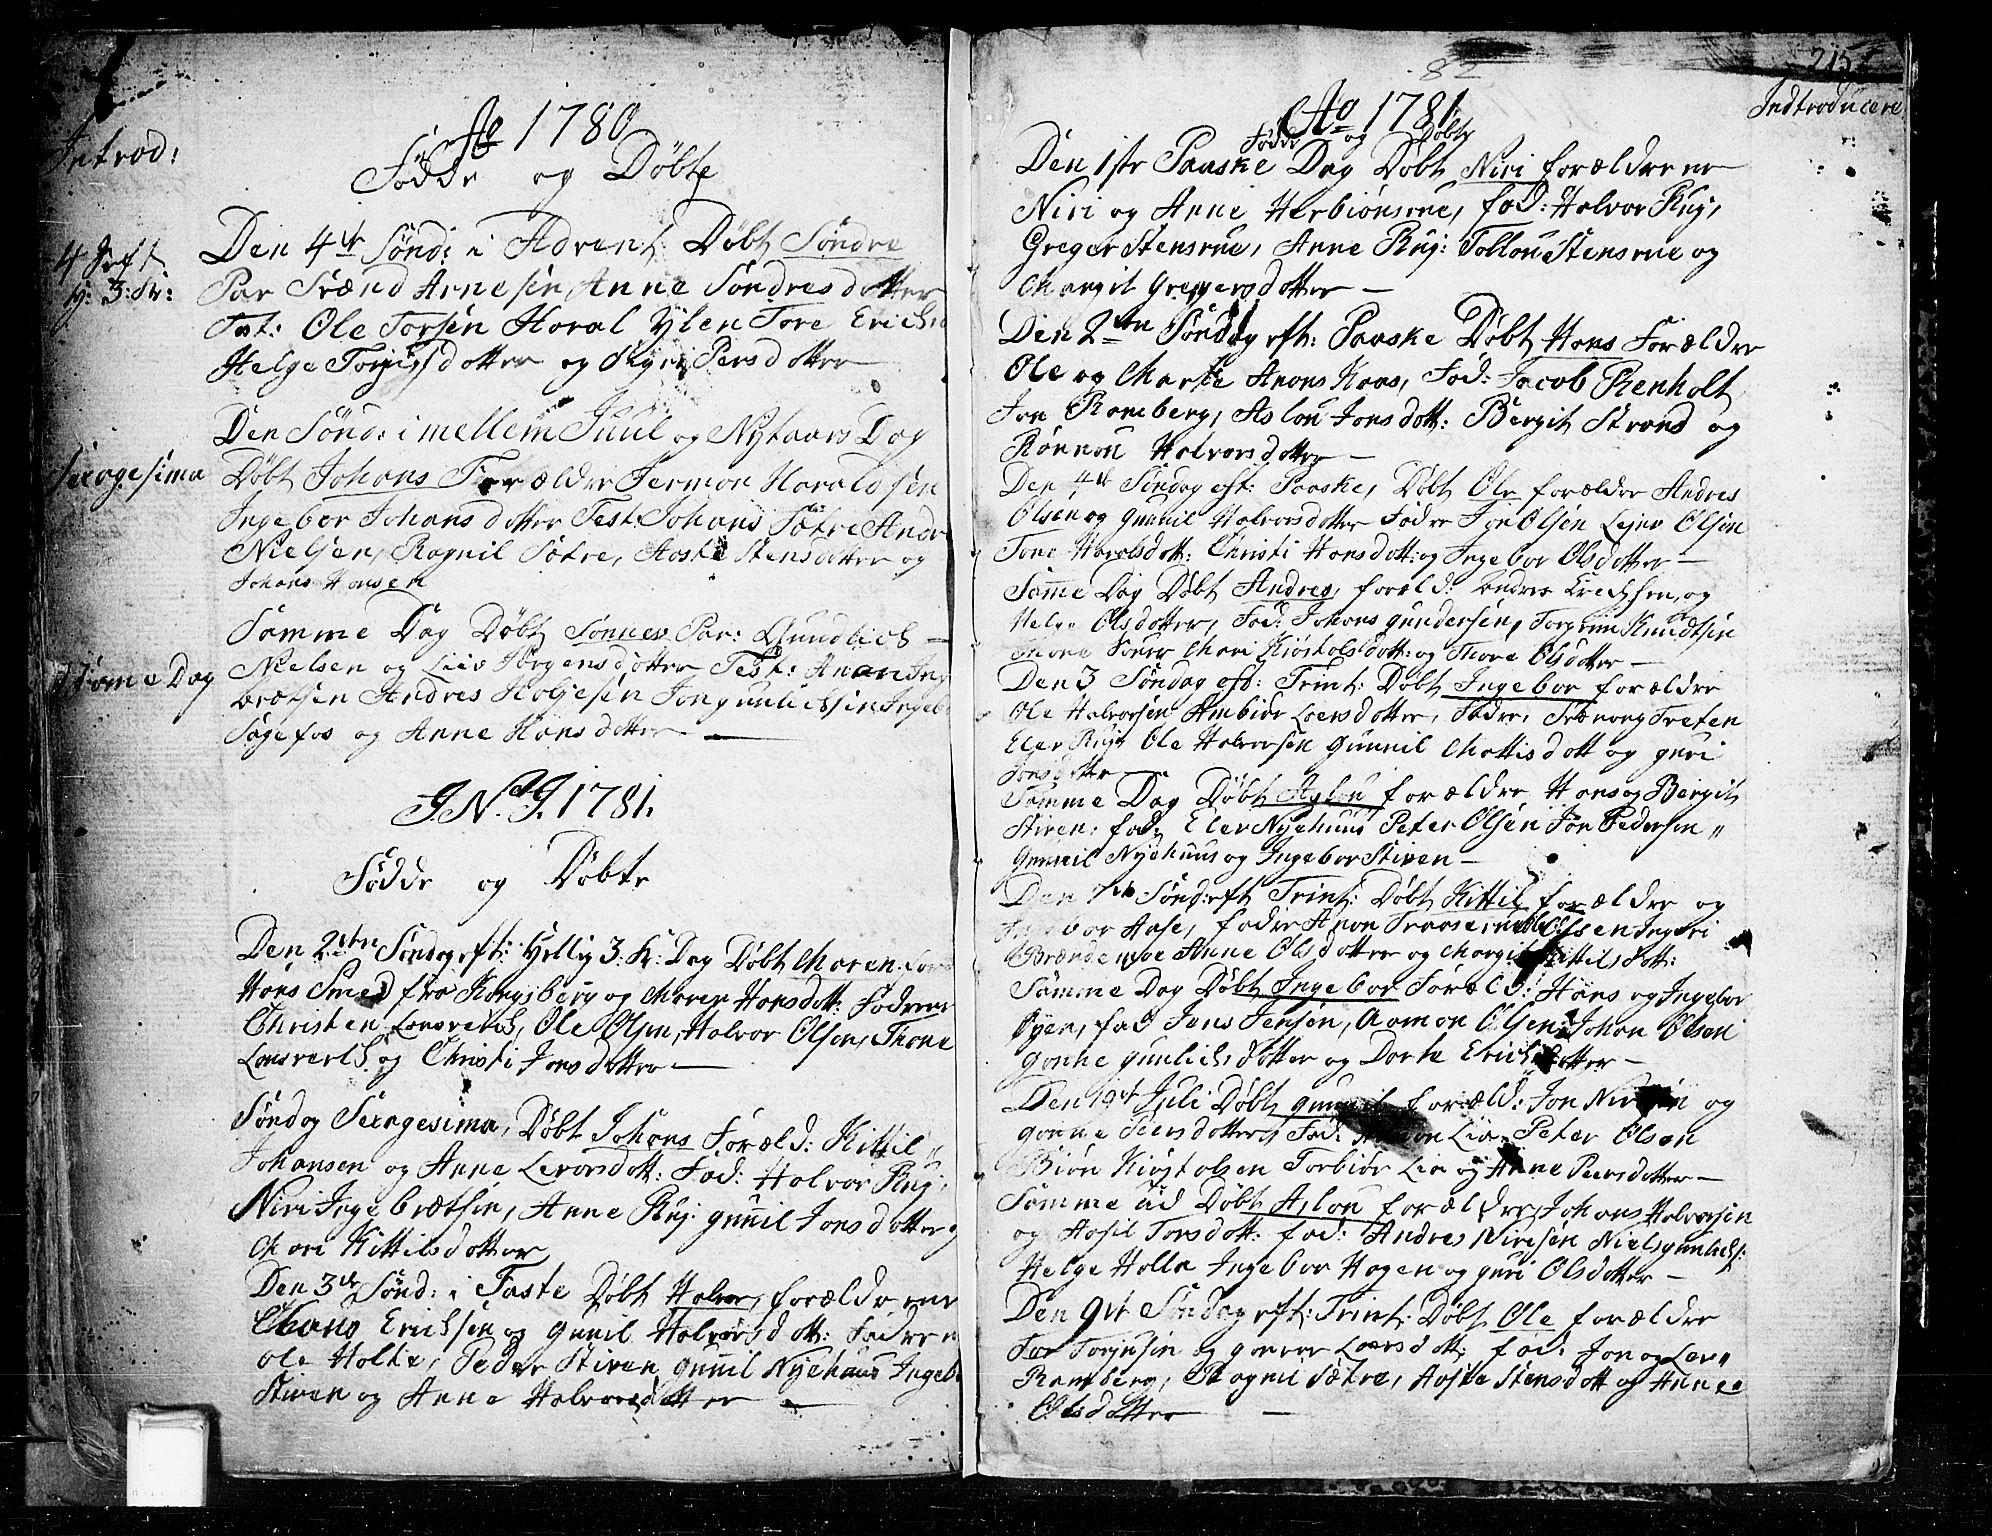 SAKO, Heddal kirkebøker, F/Fa/L0003: Ministerialbok nr. I 3, 1723-1783, s. 215